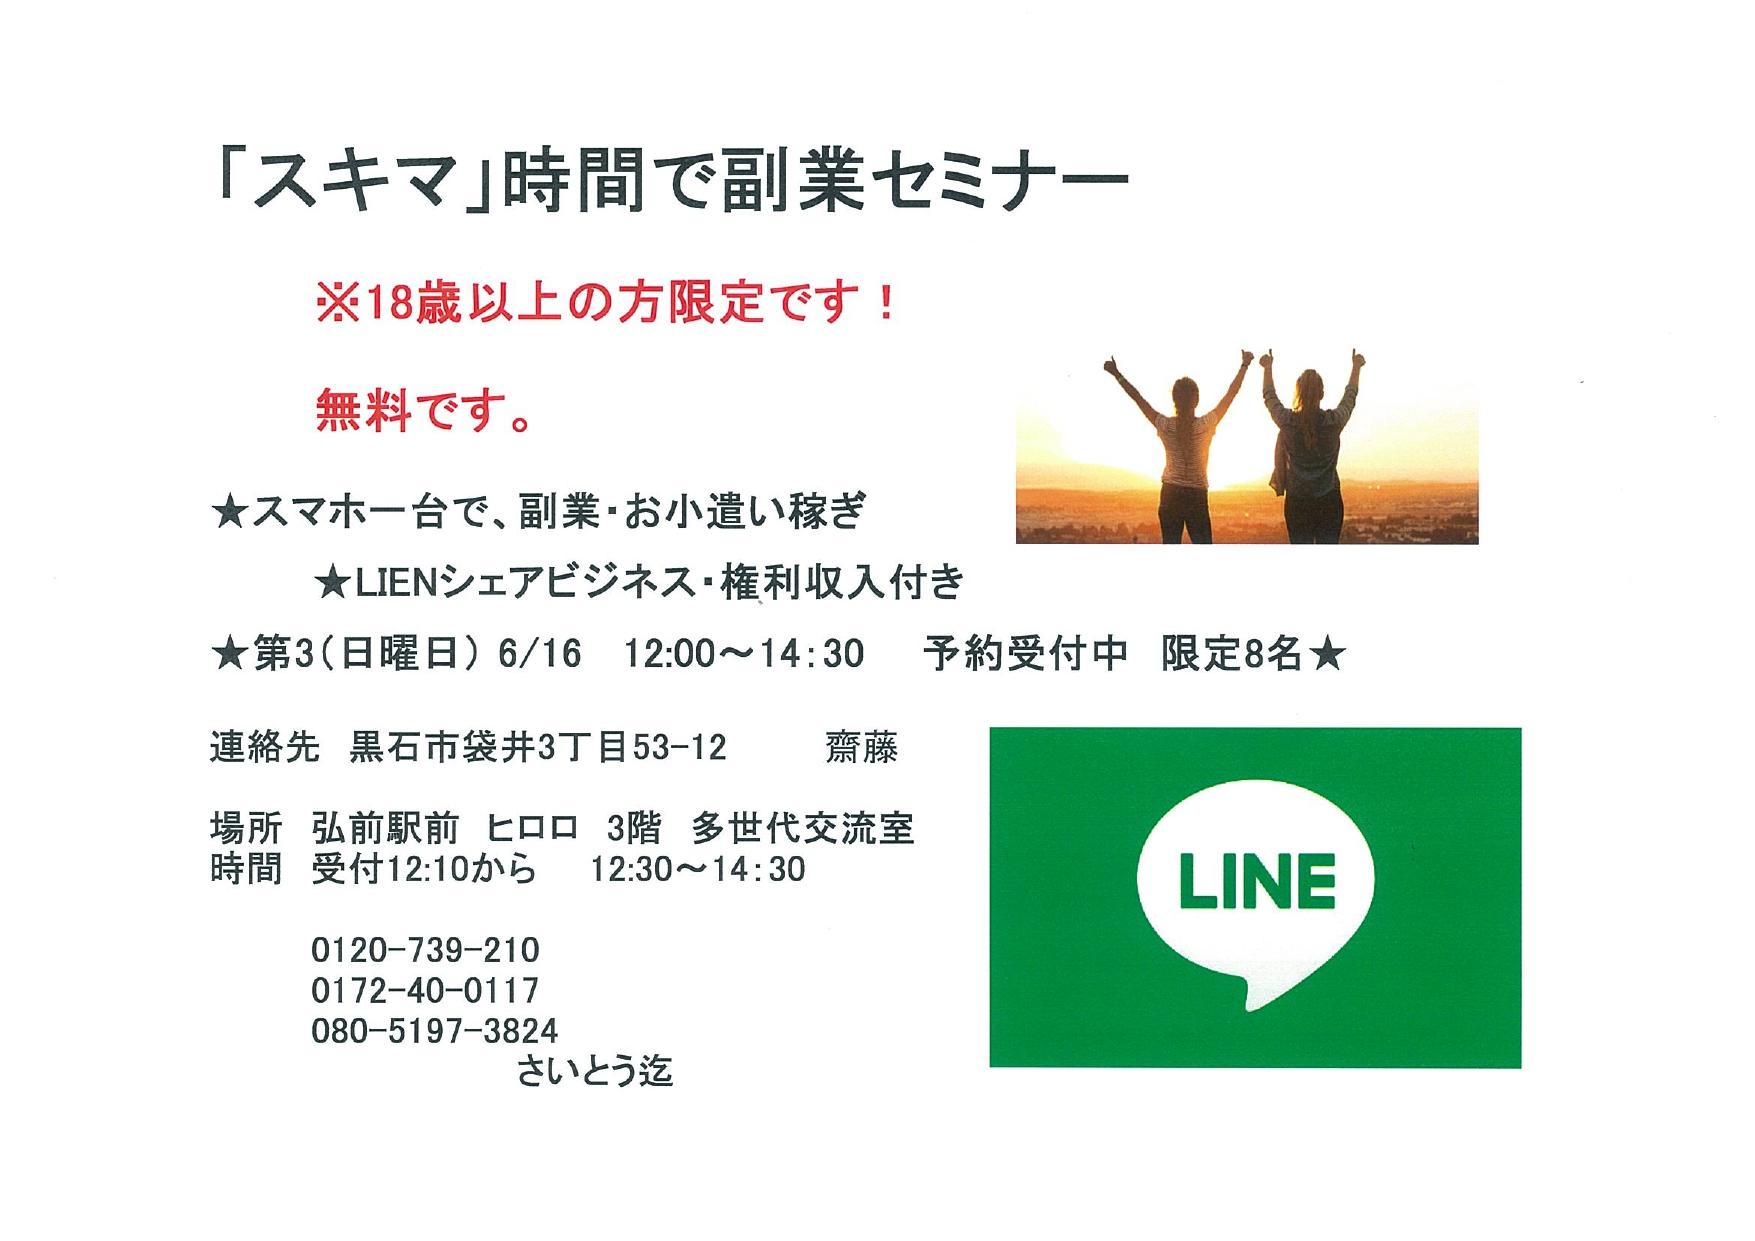 img-606160440_page-0001.jpg